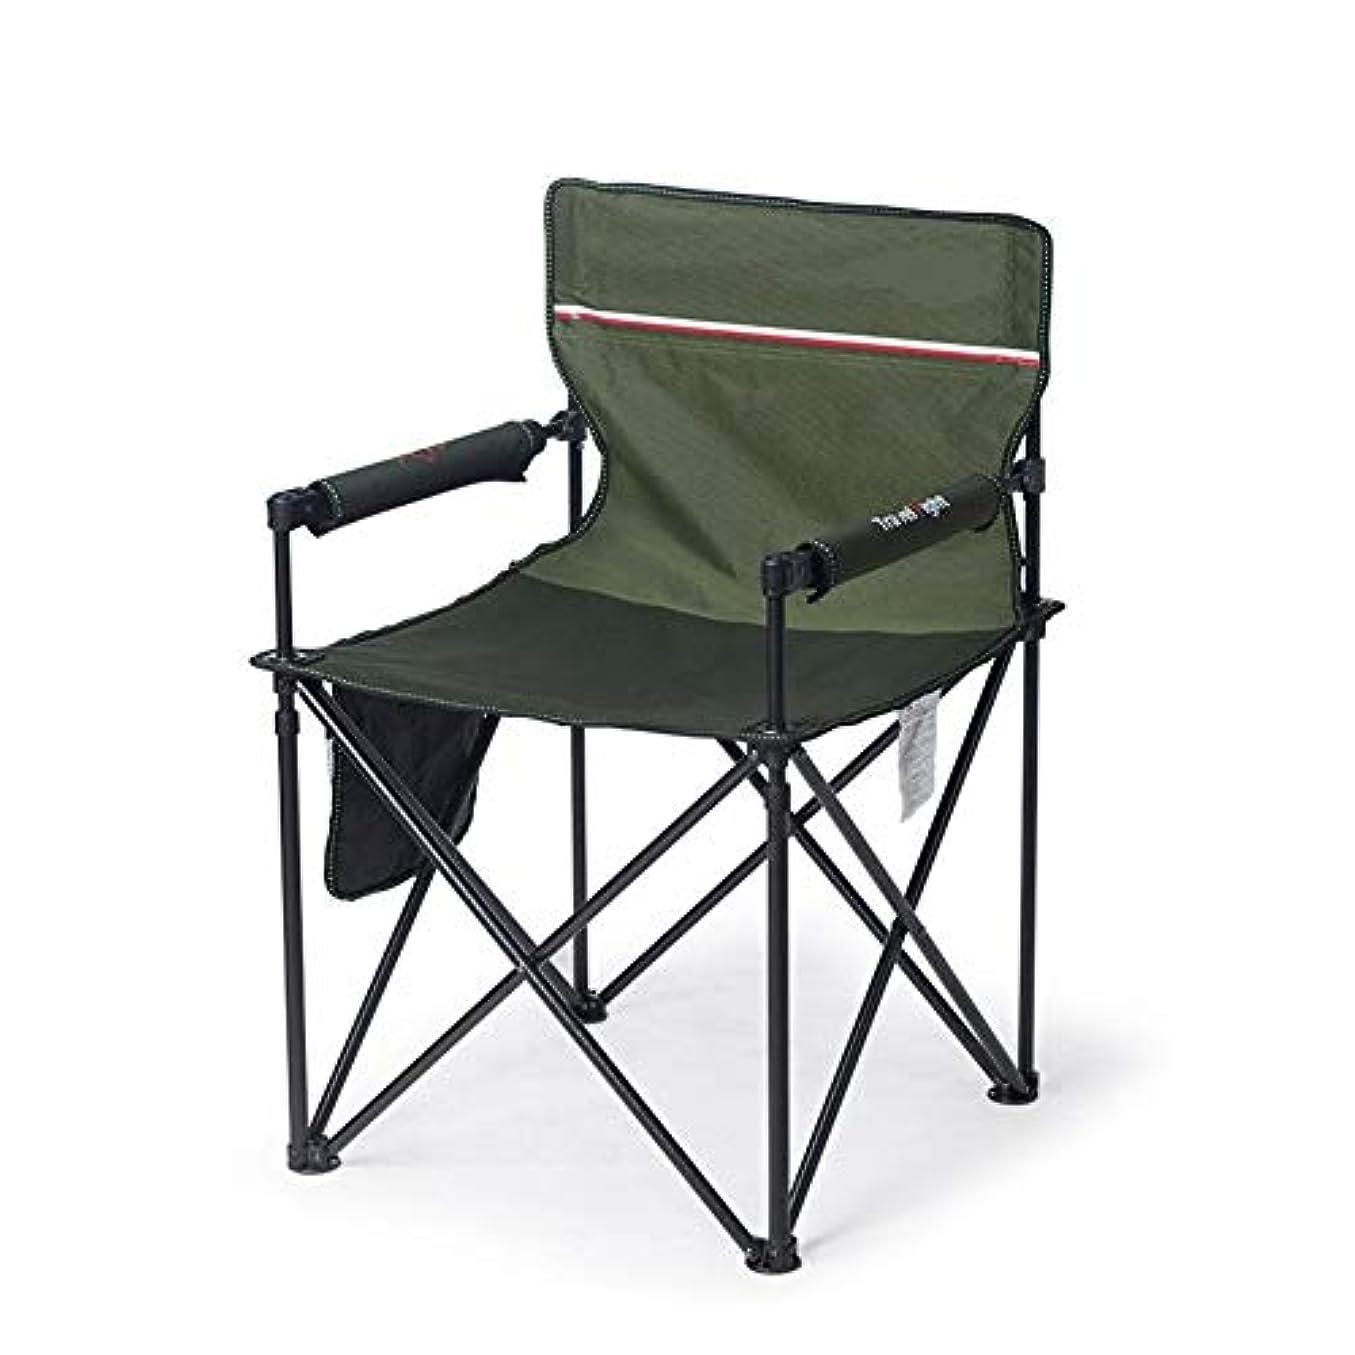 先史時代の優雅滅びるアウトドアチェア キャンプチェア、余暇パッド入り折りたたみキャンプチェア、野外活動のためのシートスツール/キャンプ/バーベキュー/ビーチ/バックパッキング